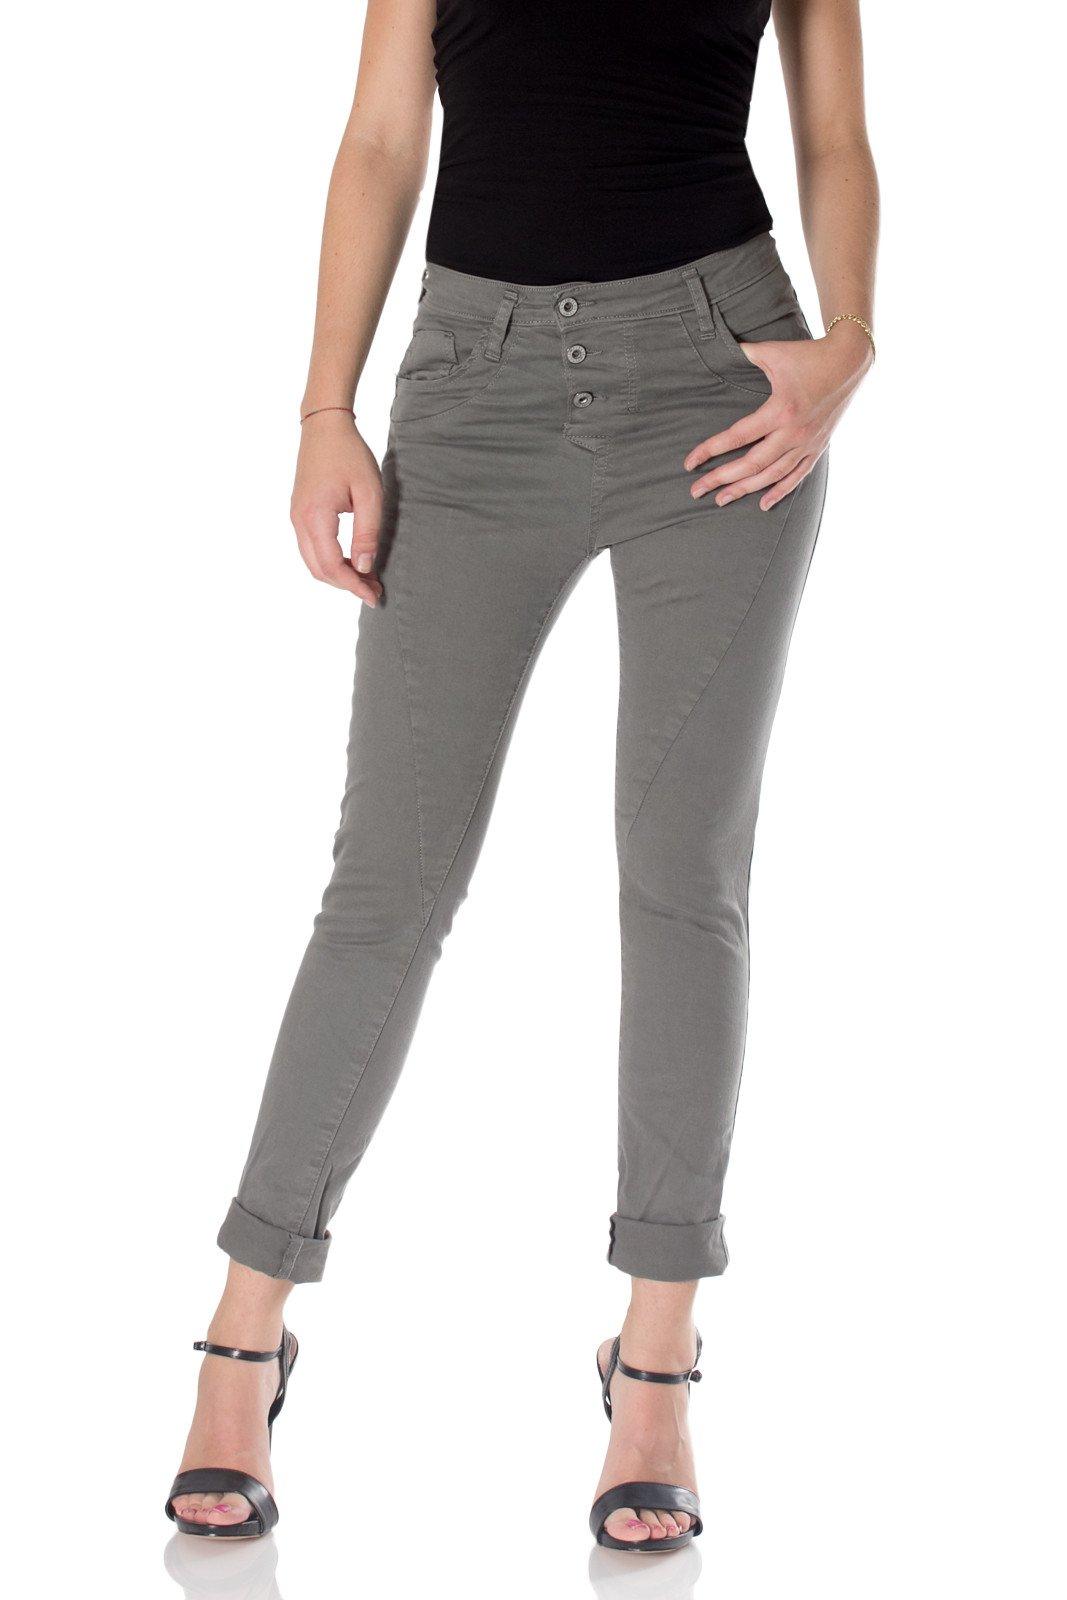 Please Women's Jeans Various Colours 312591 - grey S